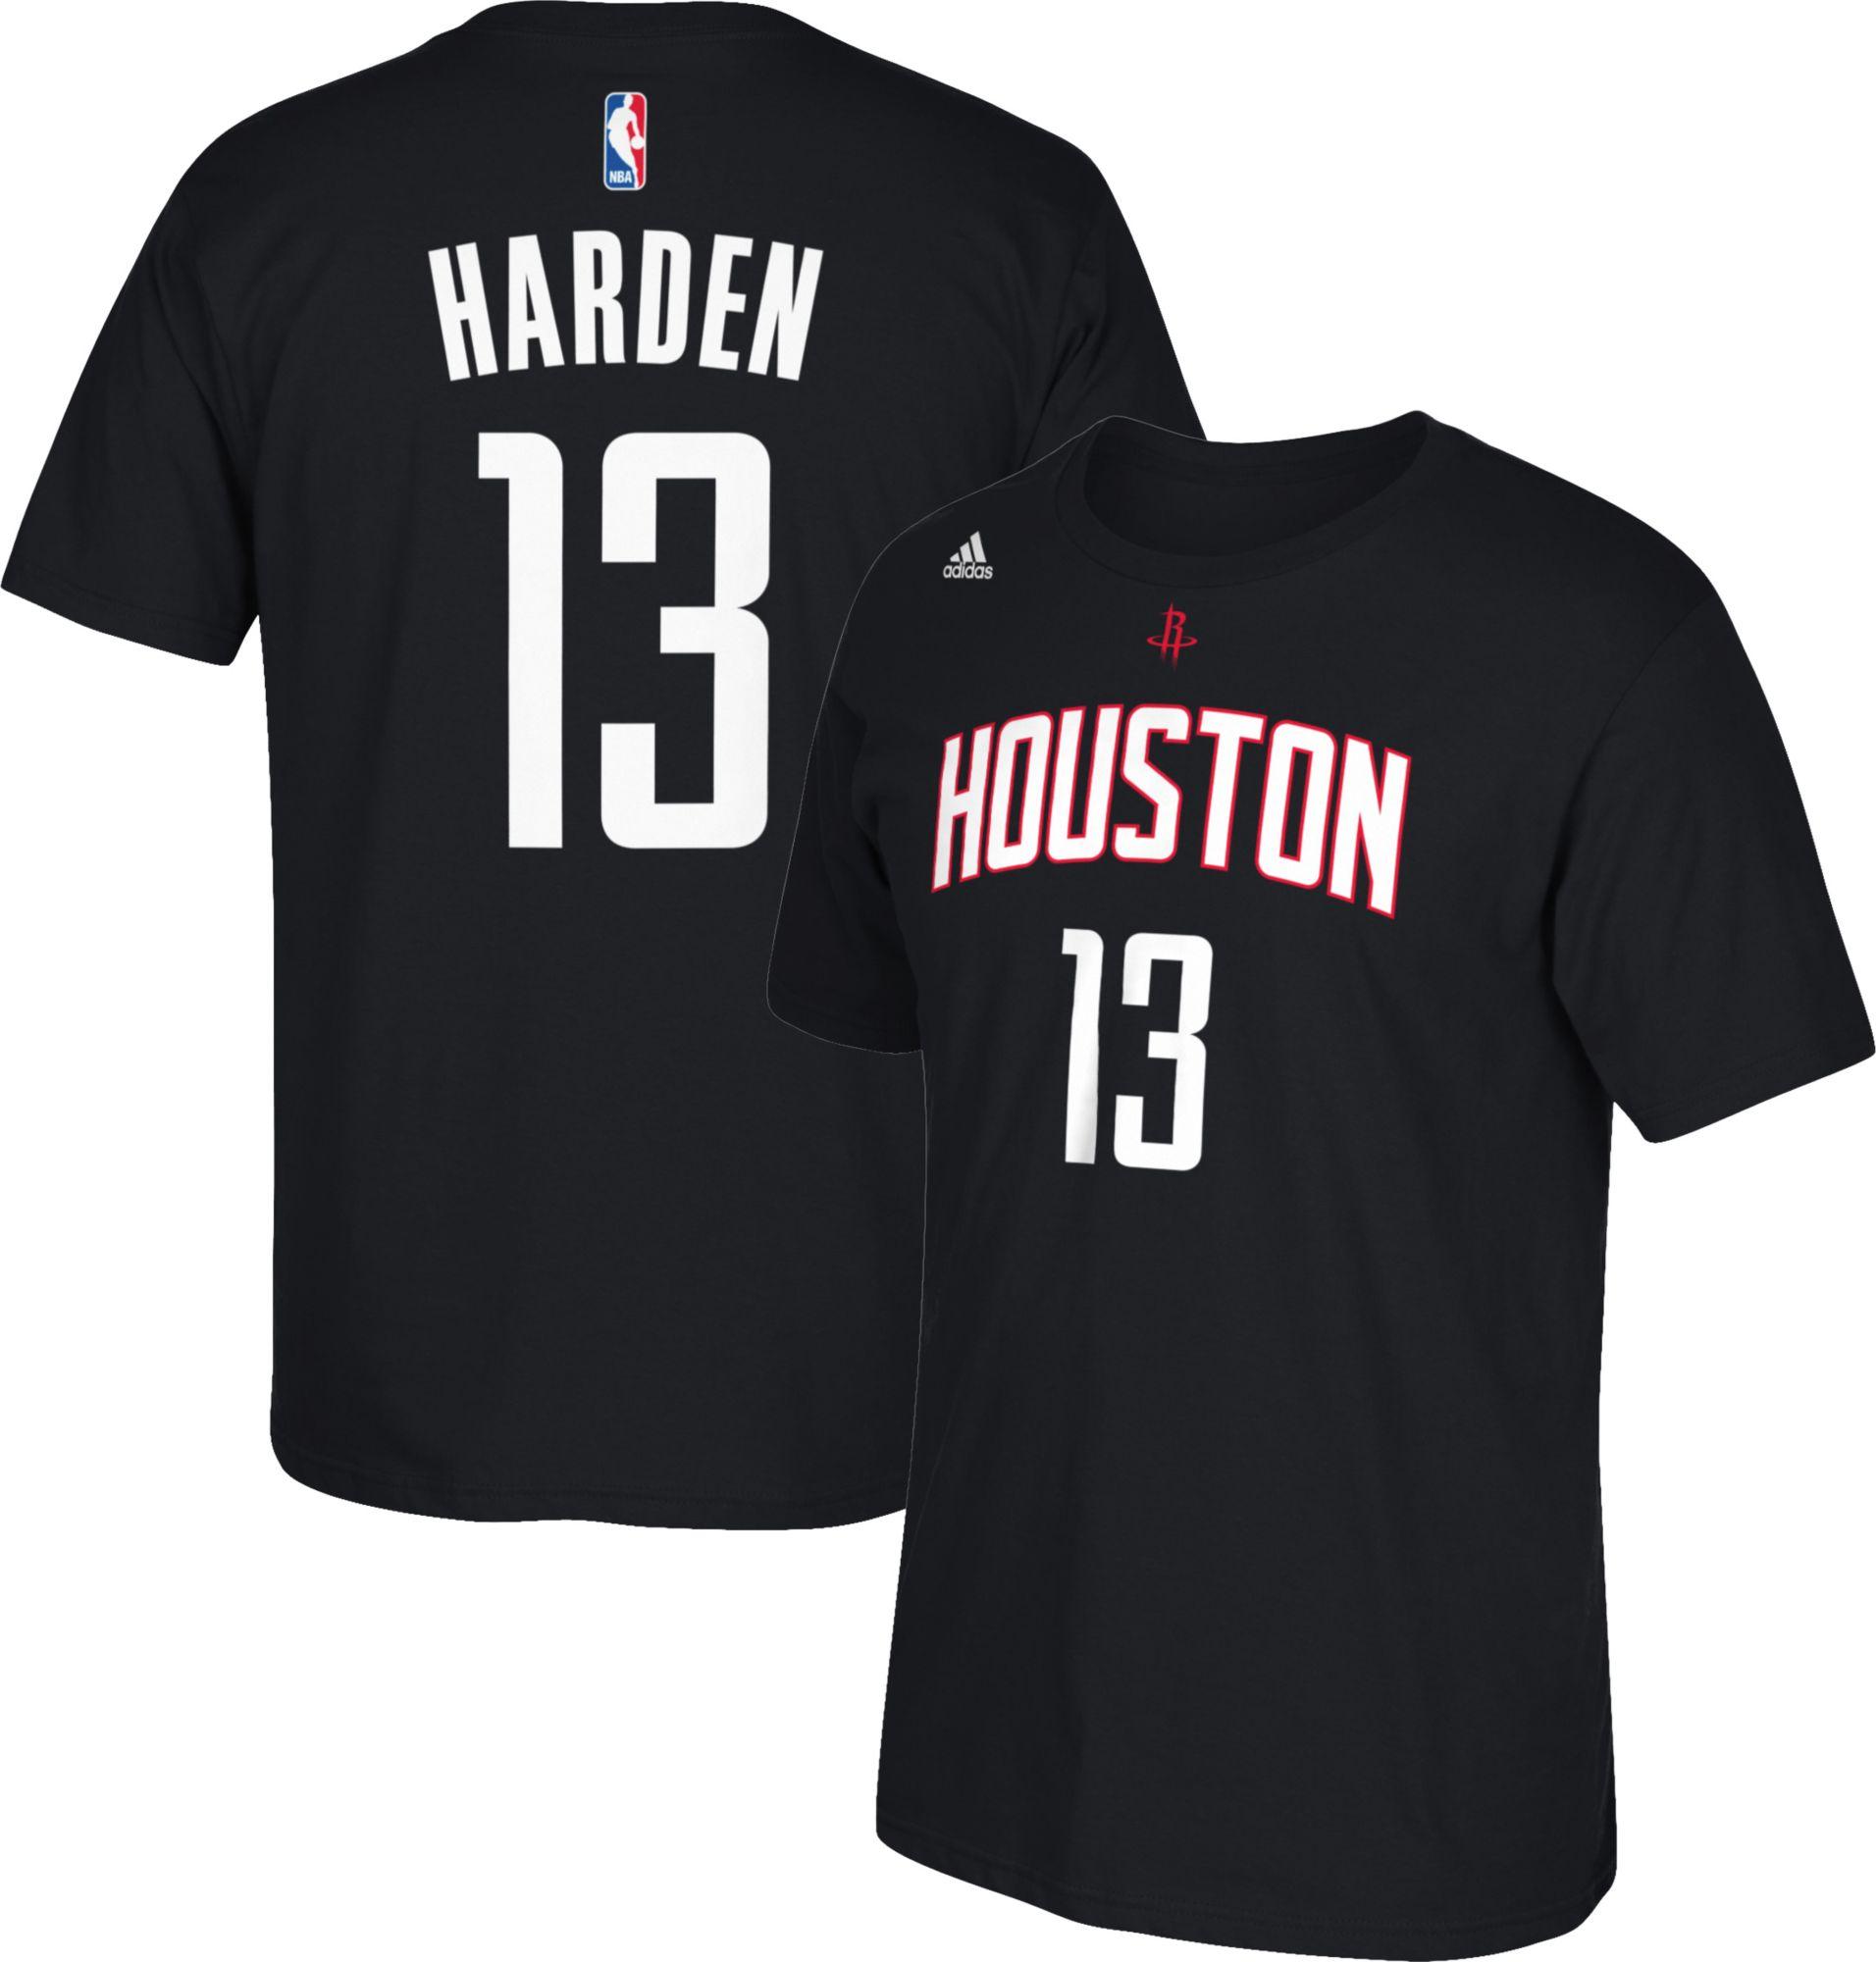 Youth black t shirt - Product Image Adidas Youth Houston Rockets James Harden 13 Black T Shirt